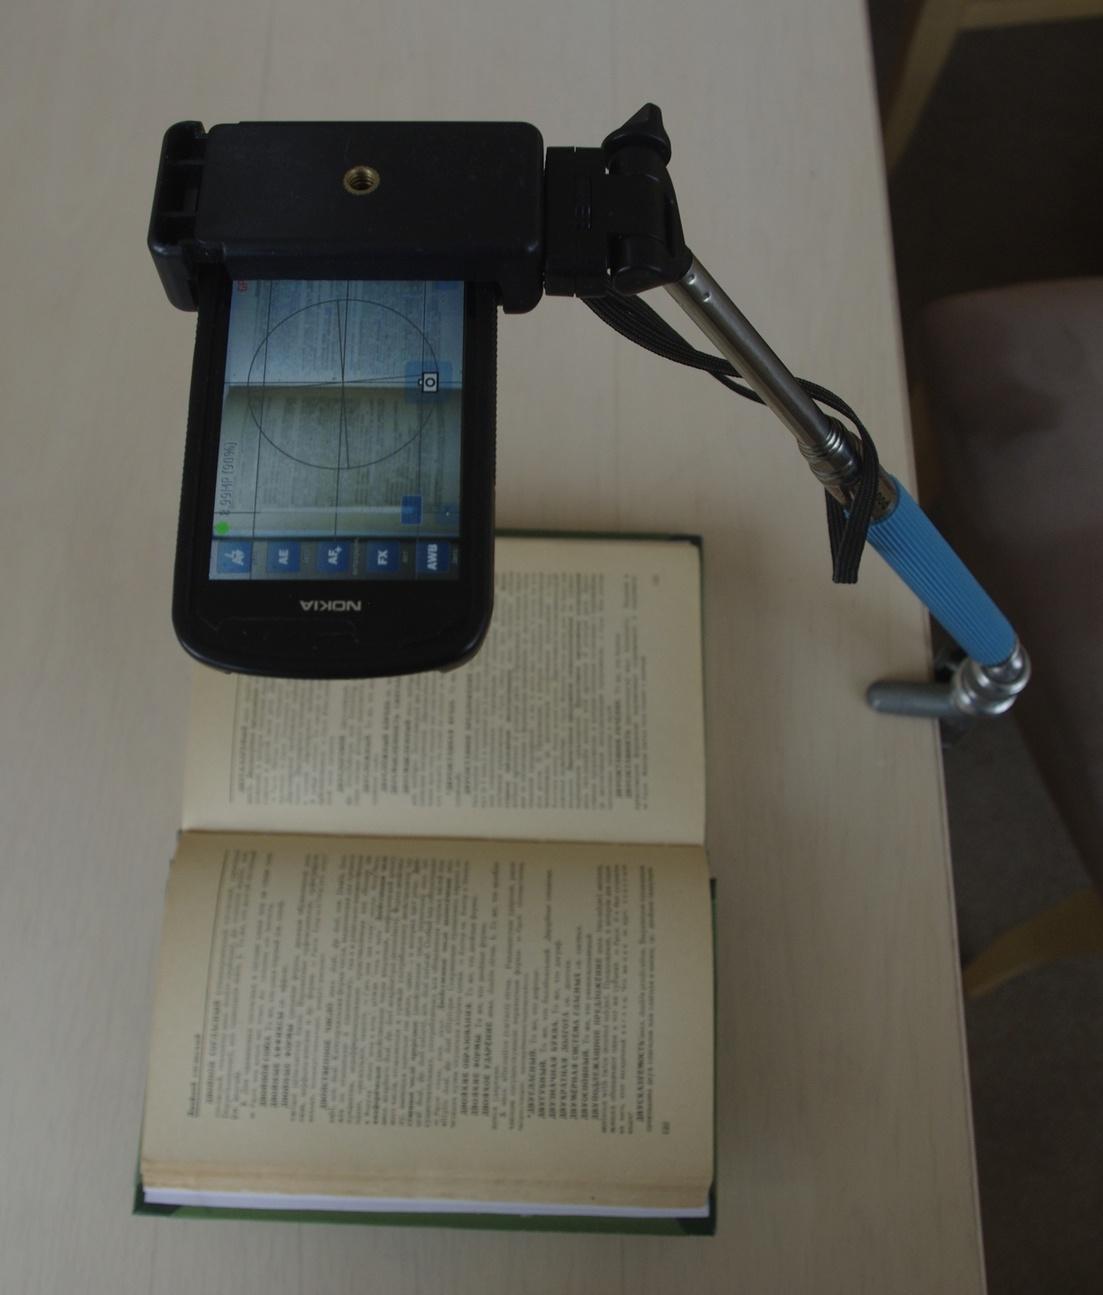 «Цифровое книгопечатание» или мой опыт в мобильной оцифровке книг - 6